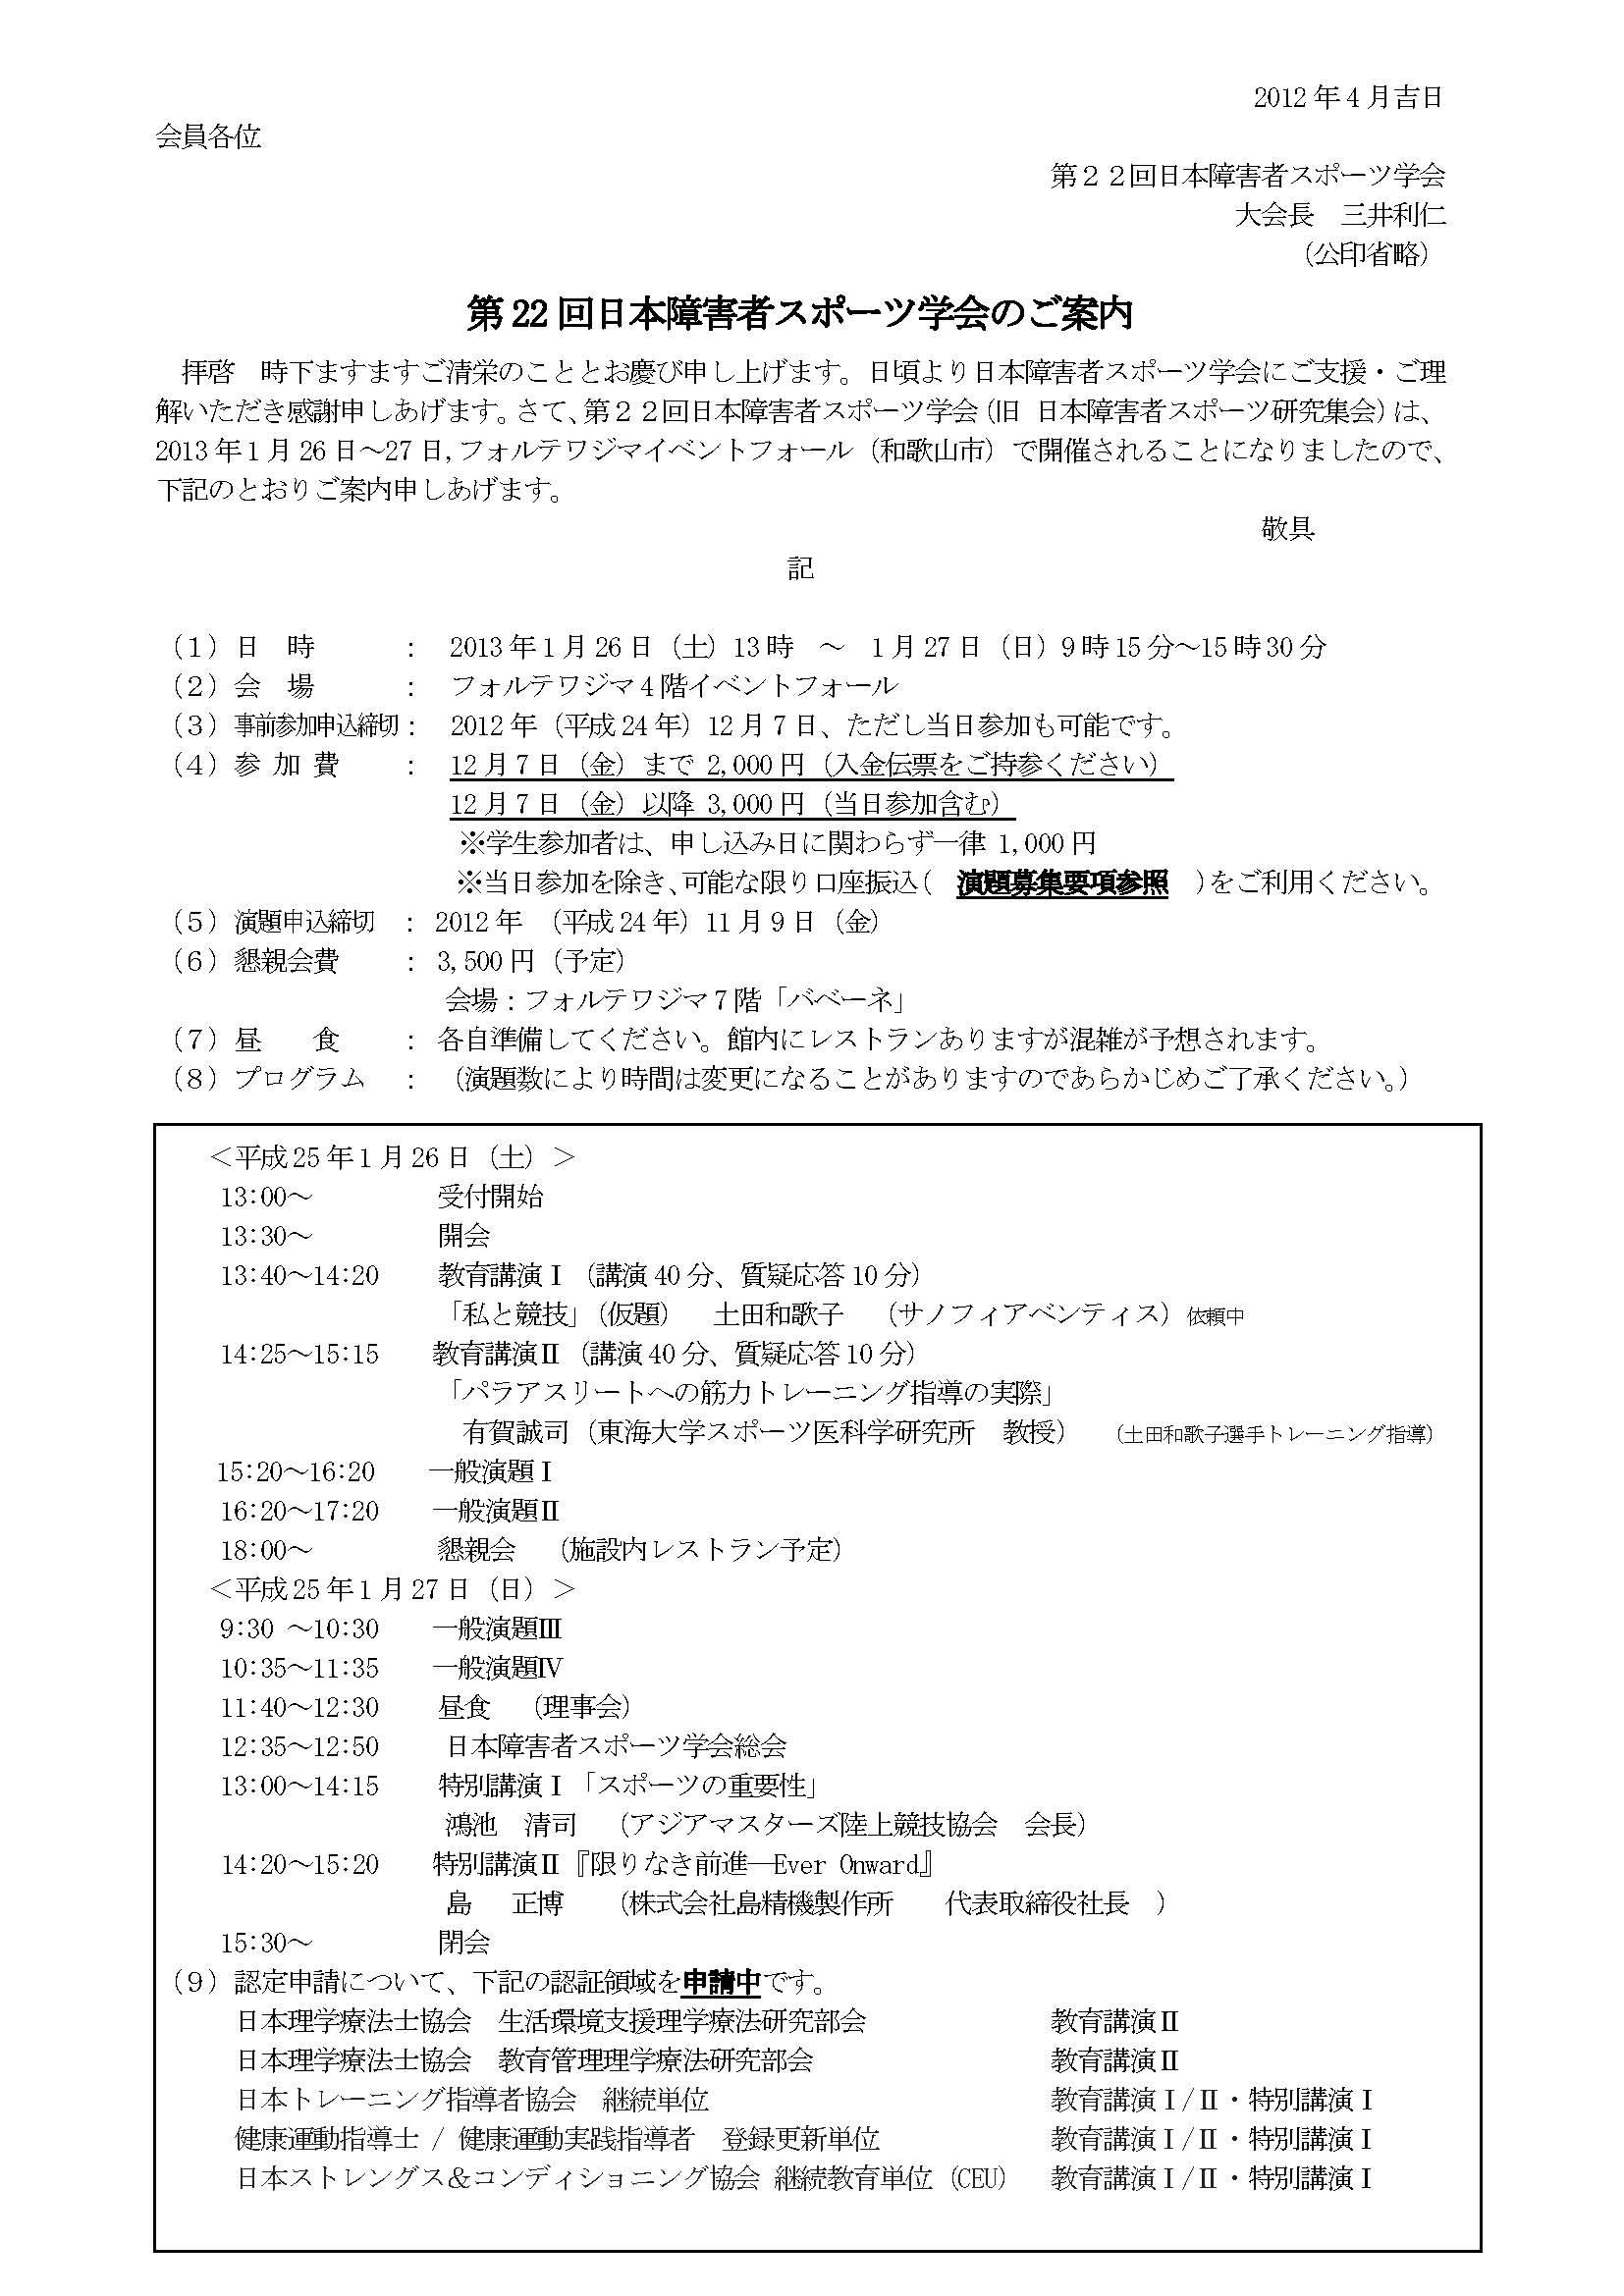 20120329 送付資料①[案内]